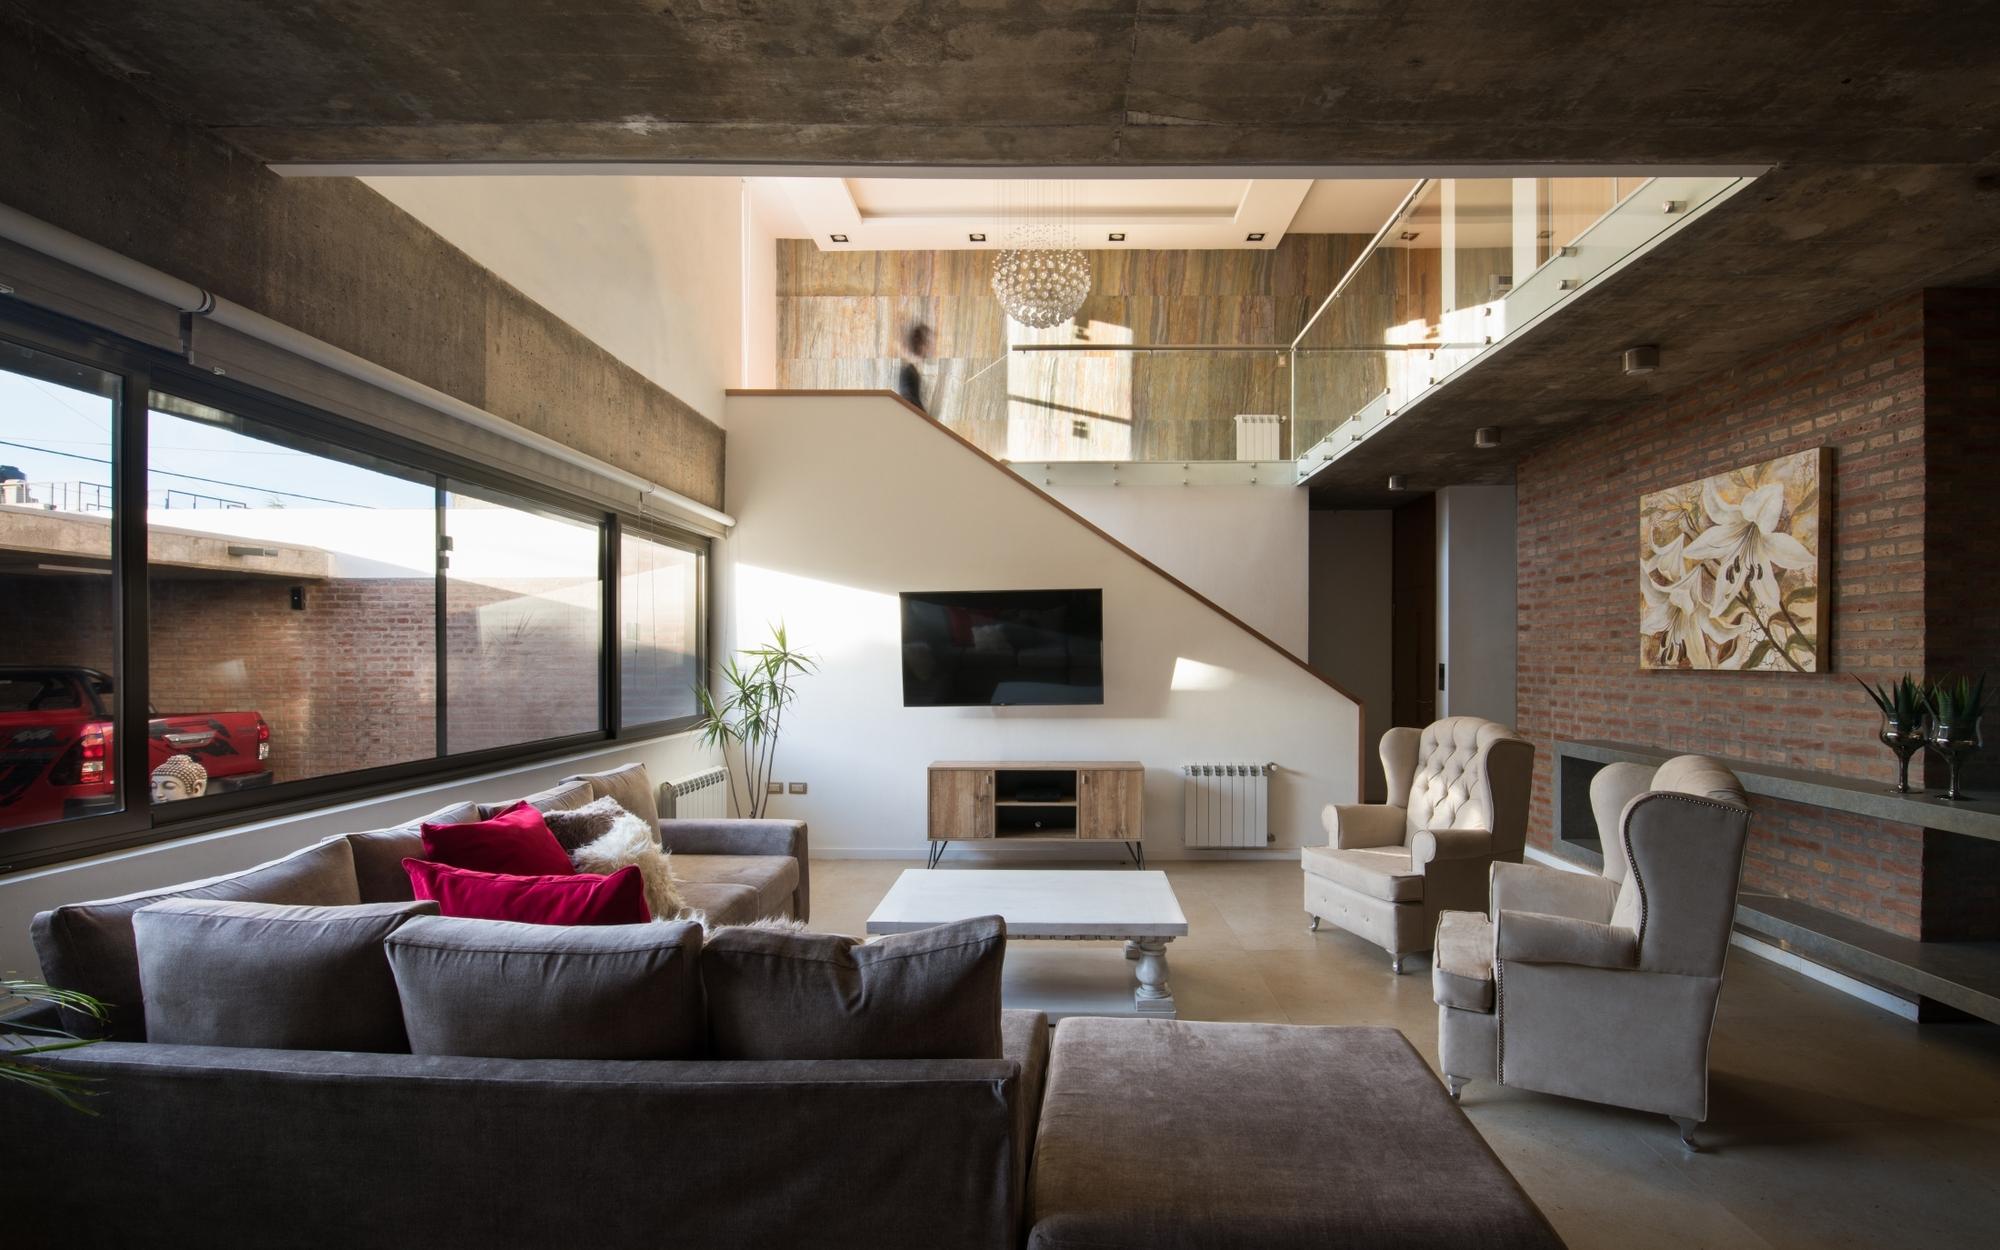 Galer a de vivienda en el norte de c rdoba ono arquitectos 2 - Arquitectos en cordoba ...